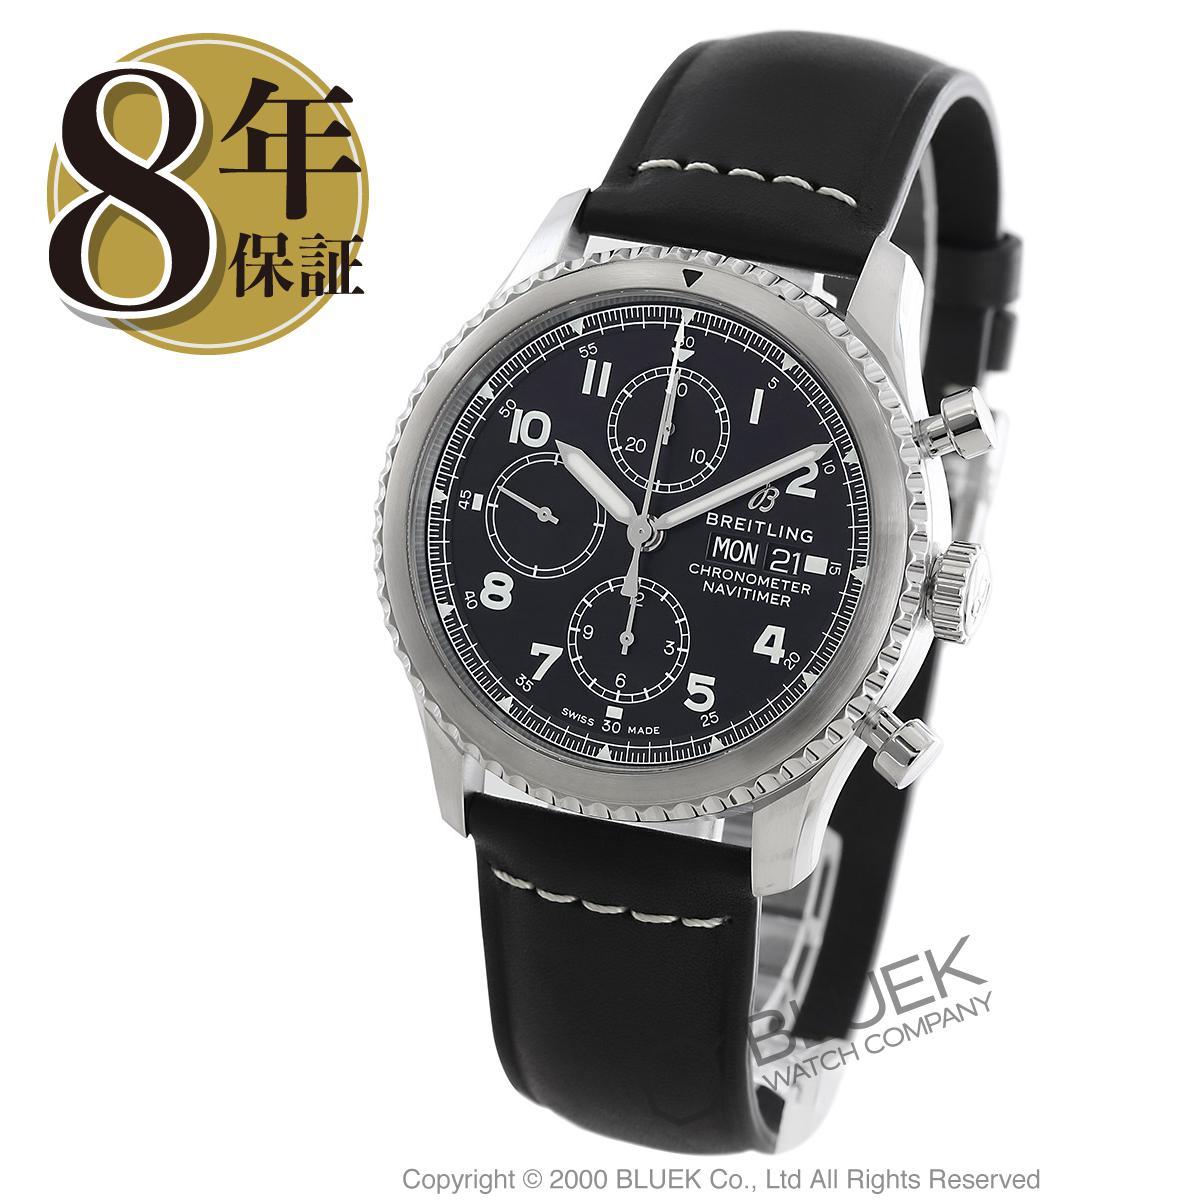 ブライトリング ナビタイマー 8 クロノグラフ 腕時計 メンズ BREITLING A118B-1KBA_8